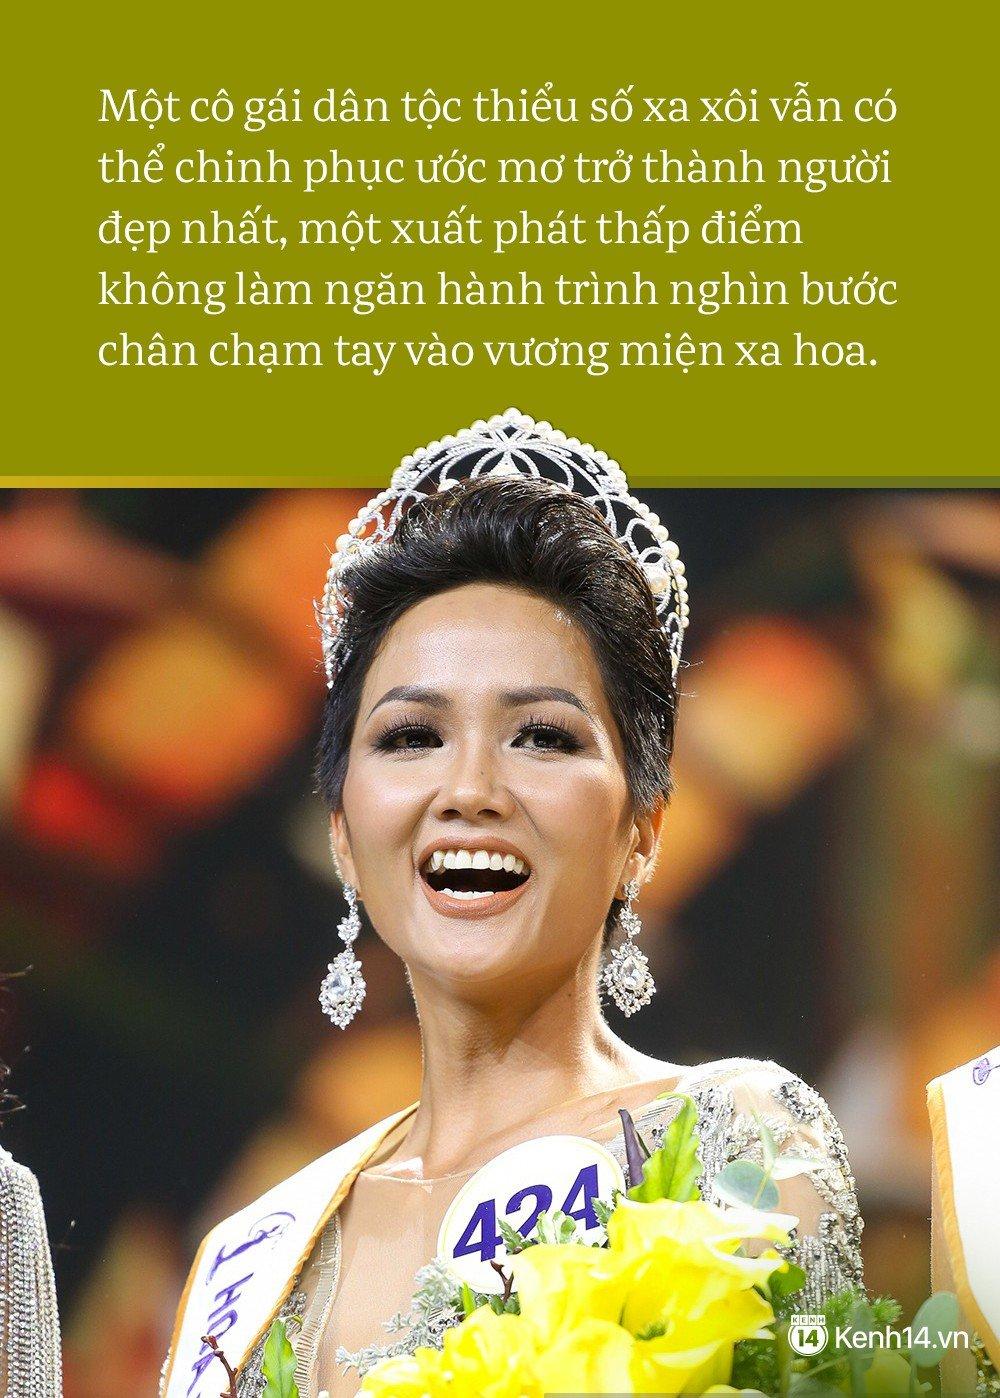 H'Hen Niê bị miệt thị nhan sắc sau khi đăng quang: Là hoa hậu thì phải mặc nhiên chấp nhận tổn thương? 4